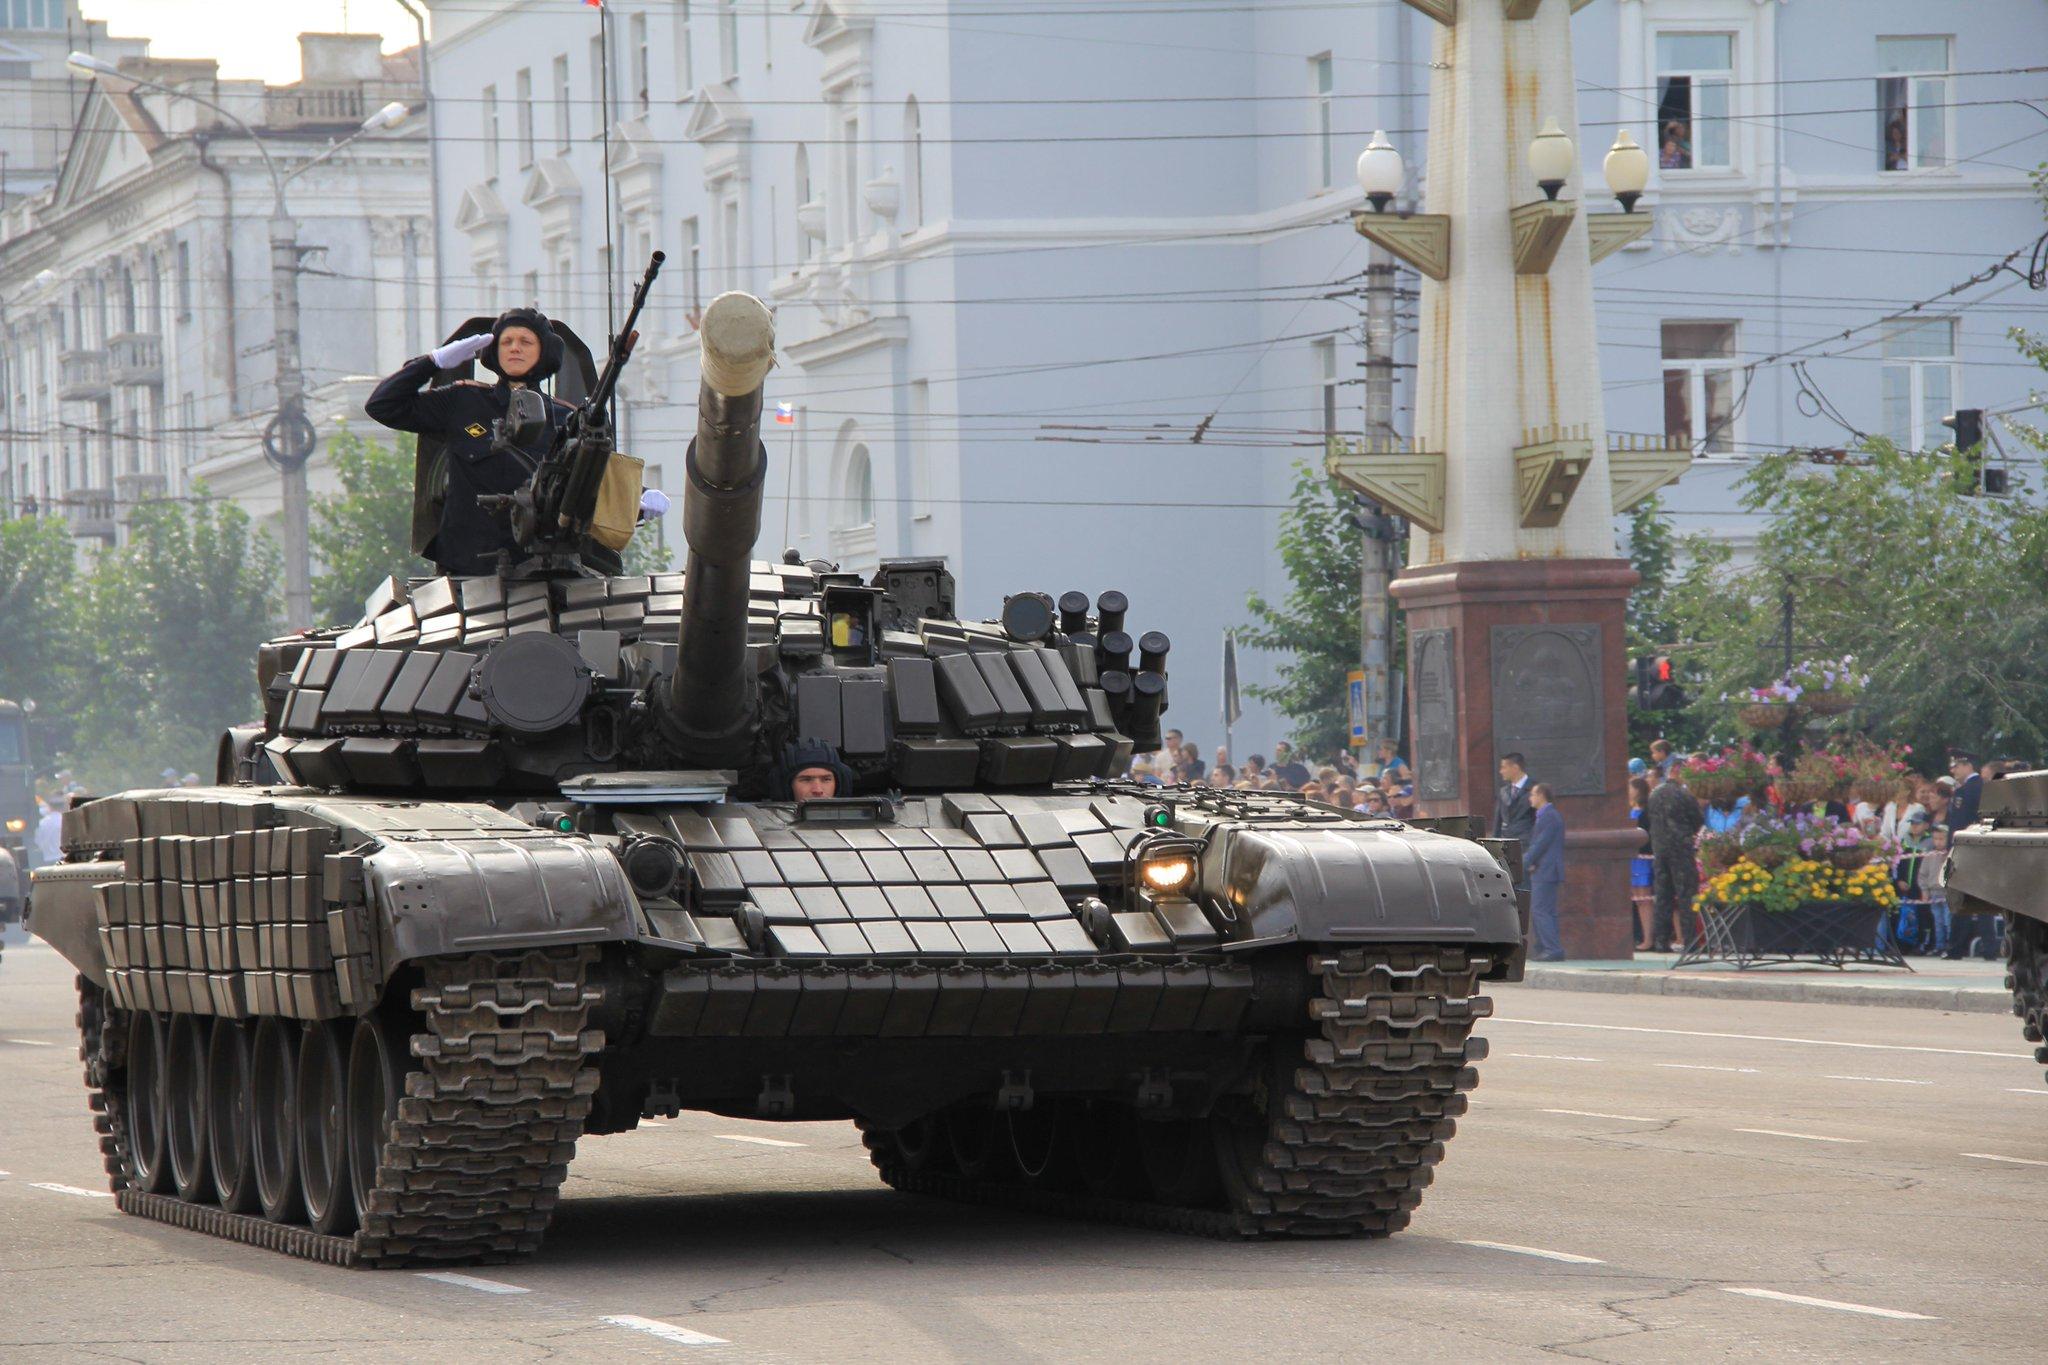 картинки с праздником танкиста 9 сентября еще, когда